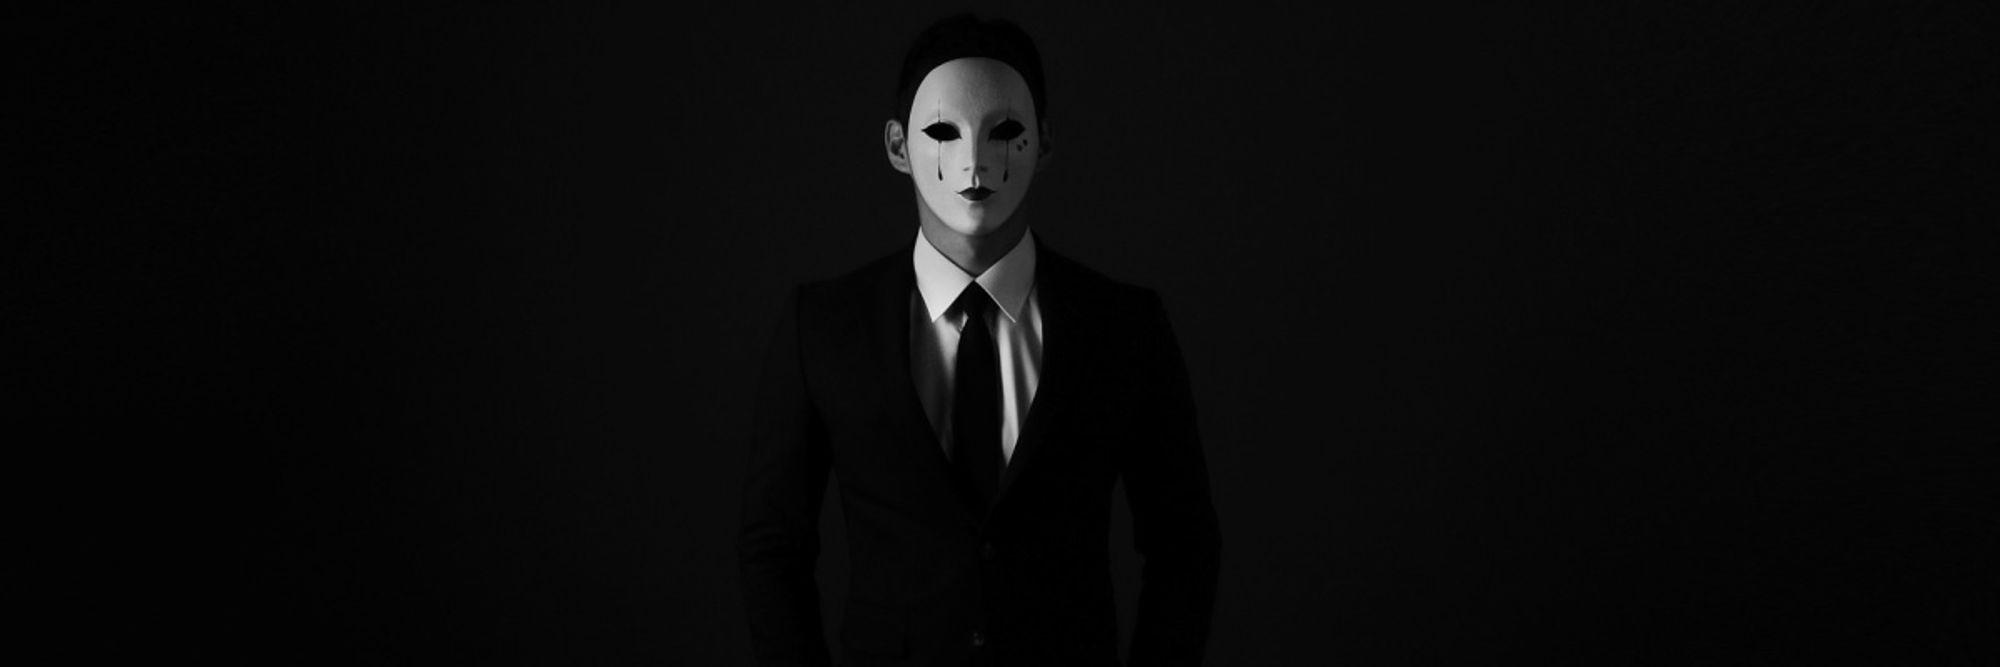 Anonyma företag på Linkedin